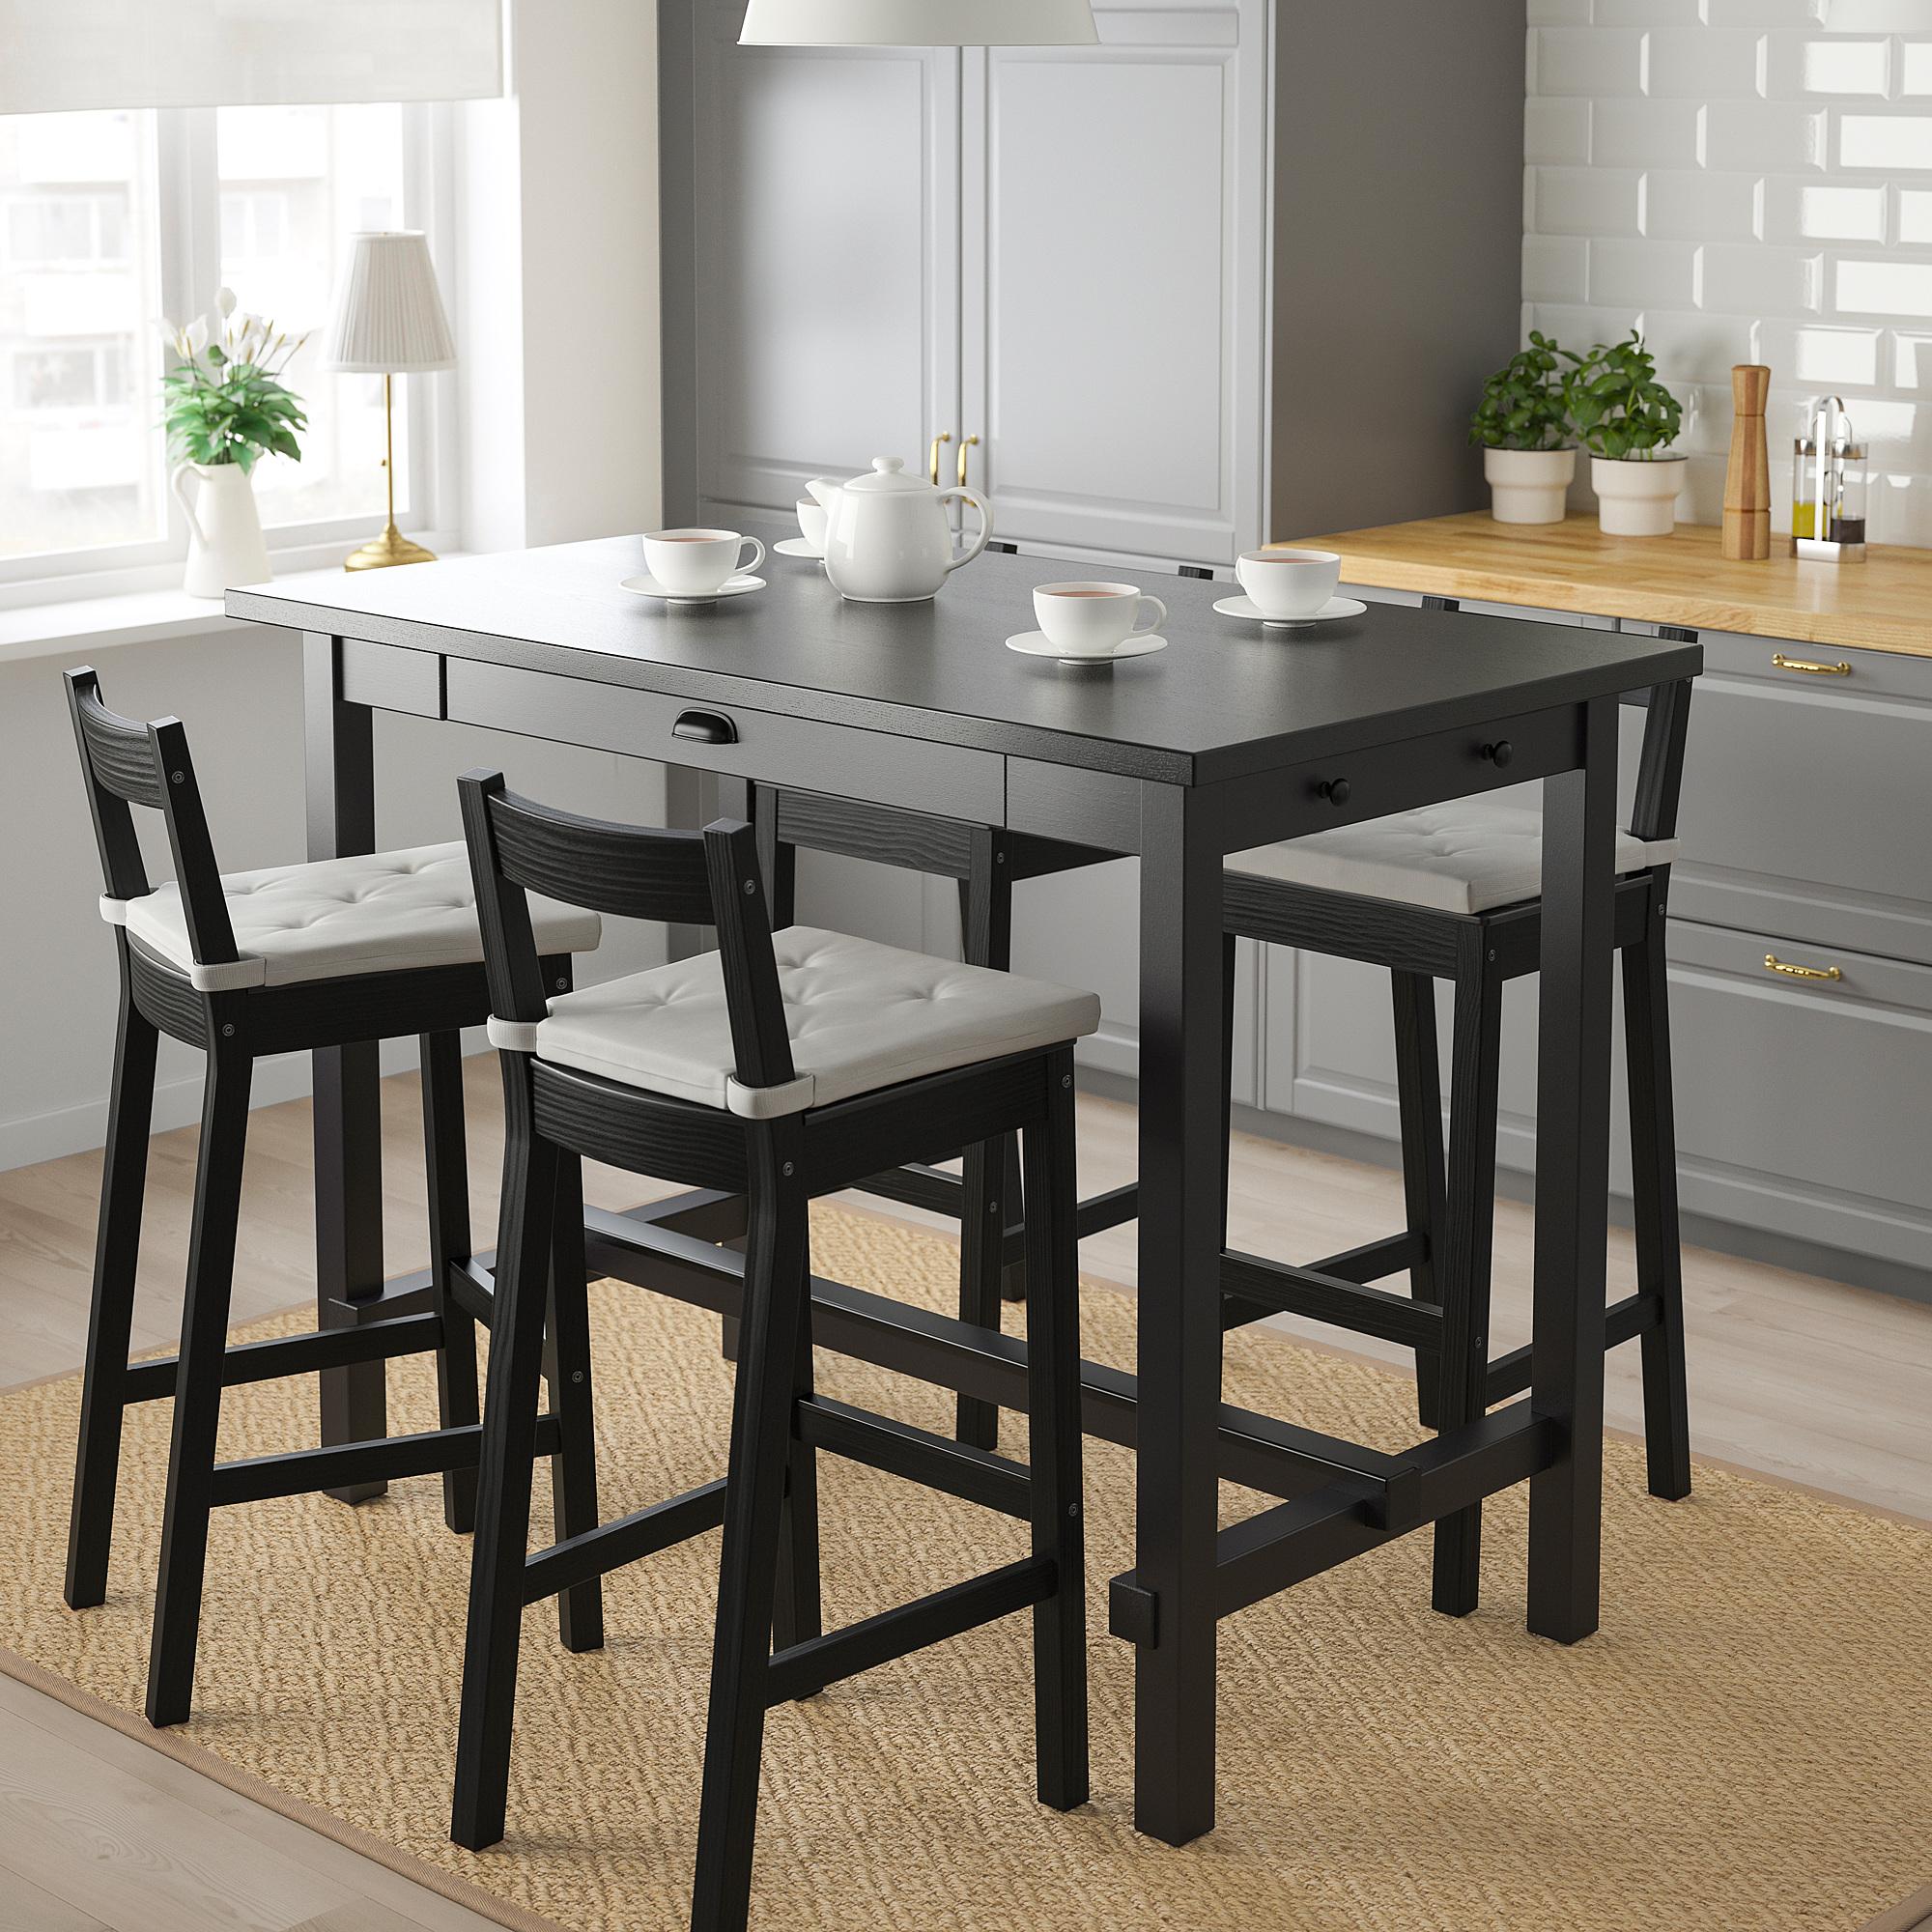 Nordviken Nordviken Bar Table And 4 Bar Stools Black Black Ikea Indonesia